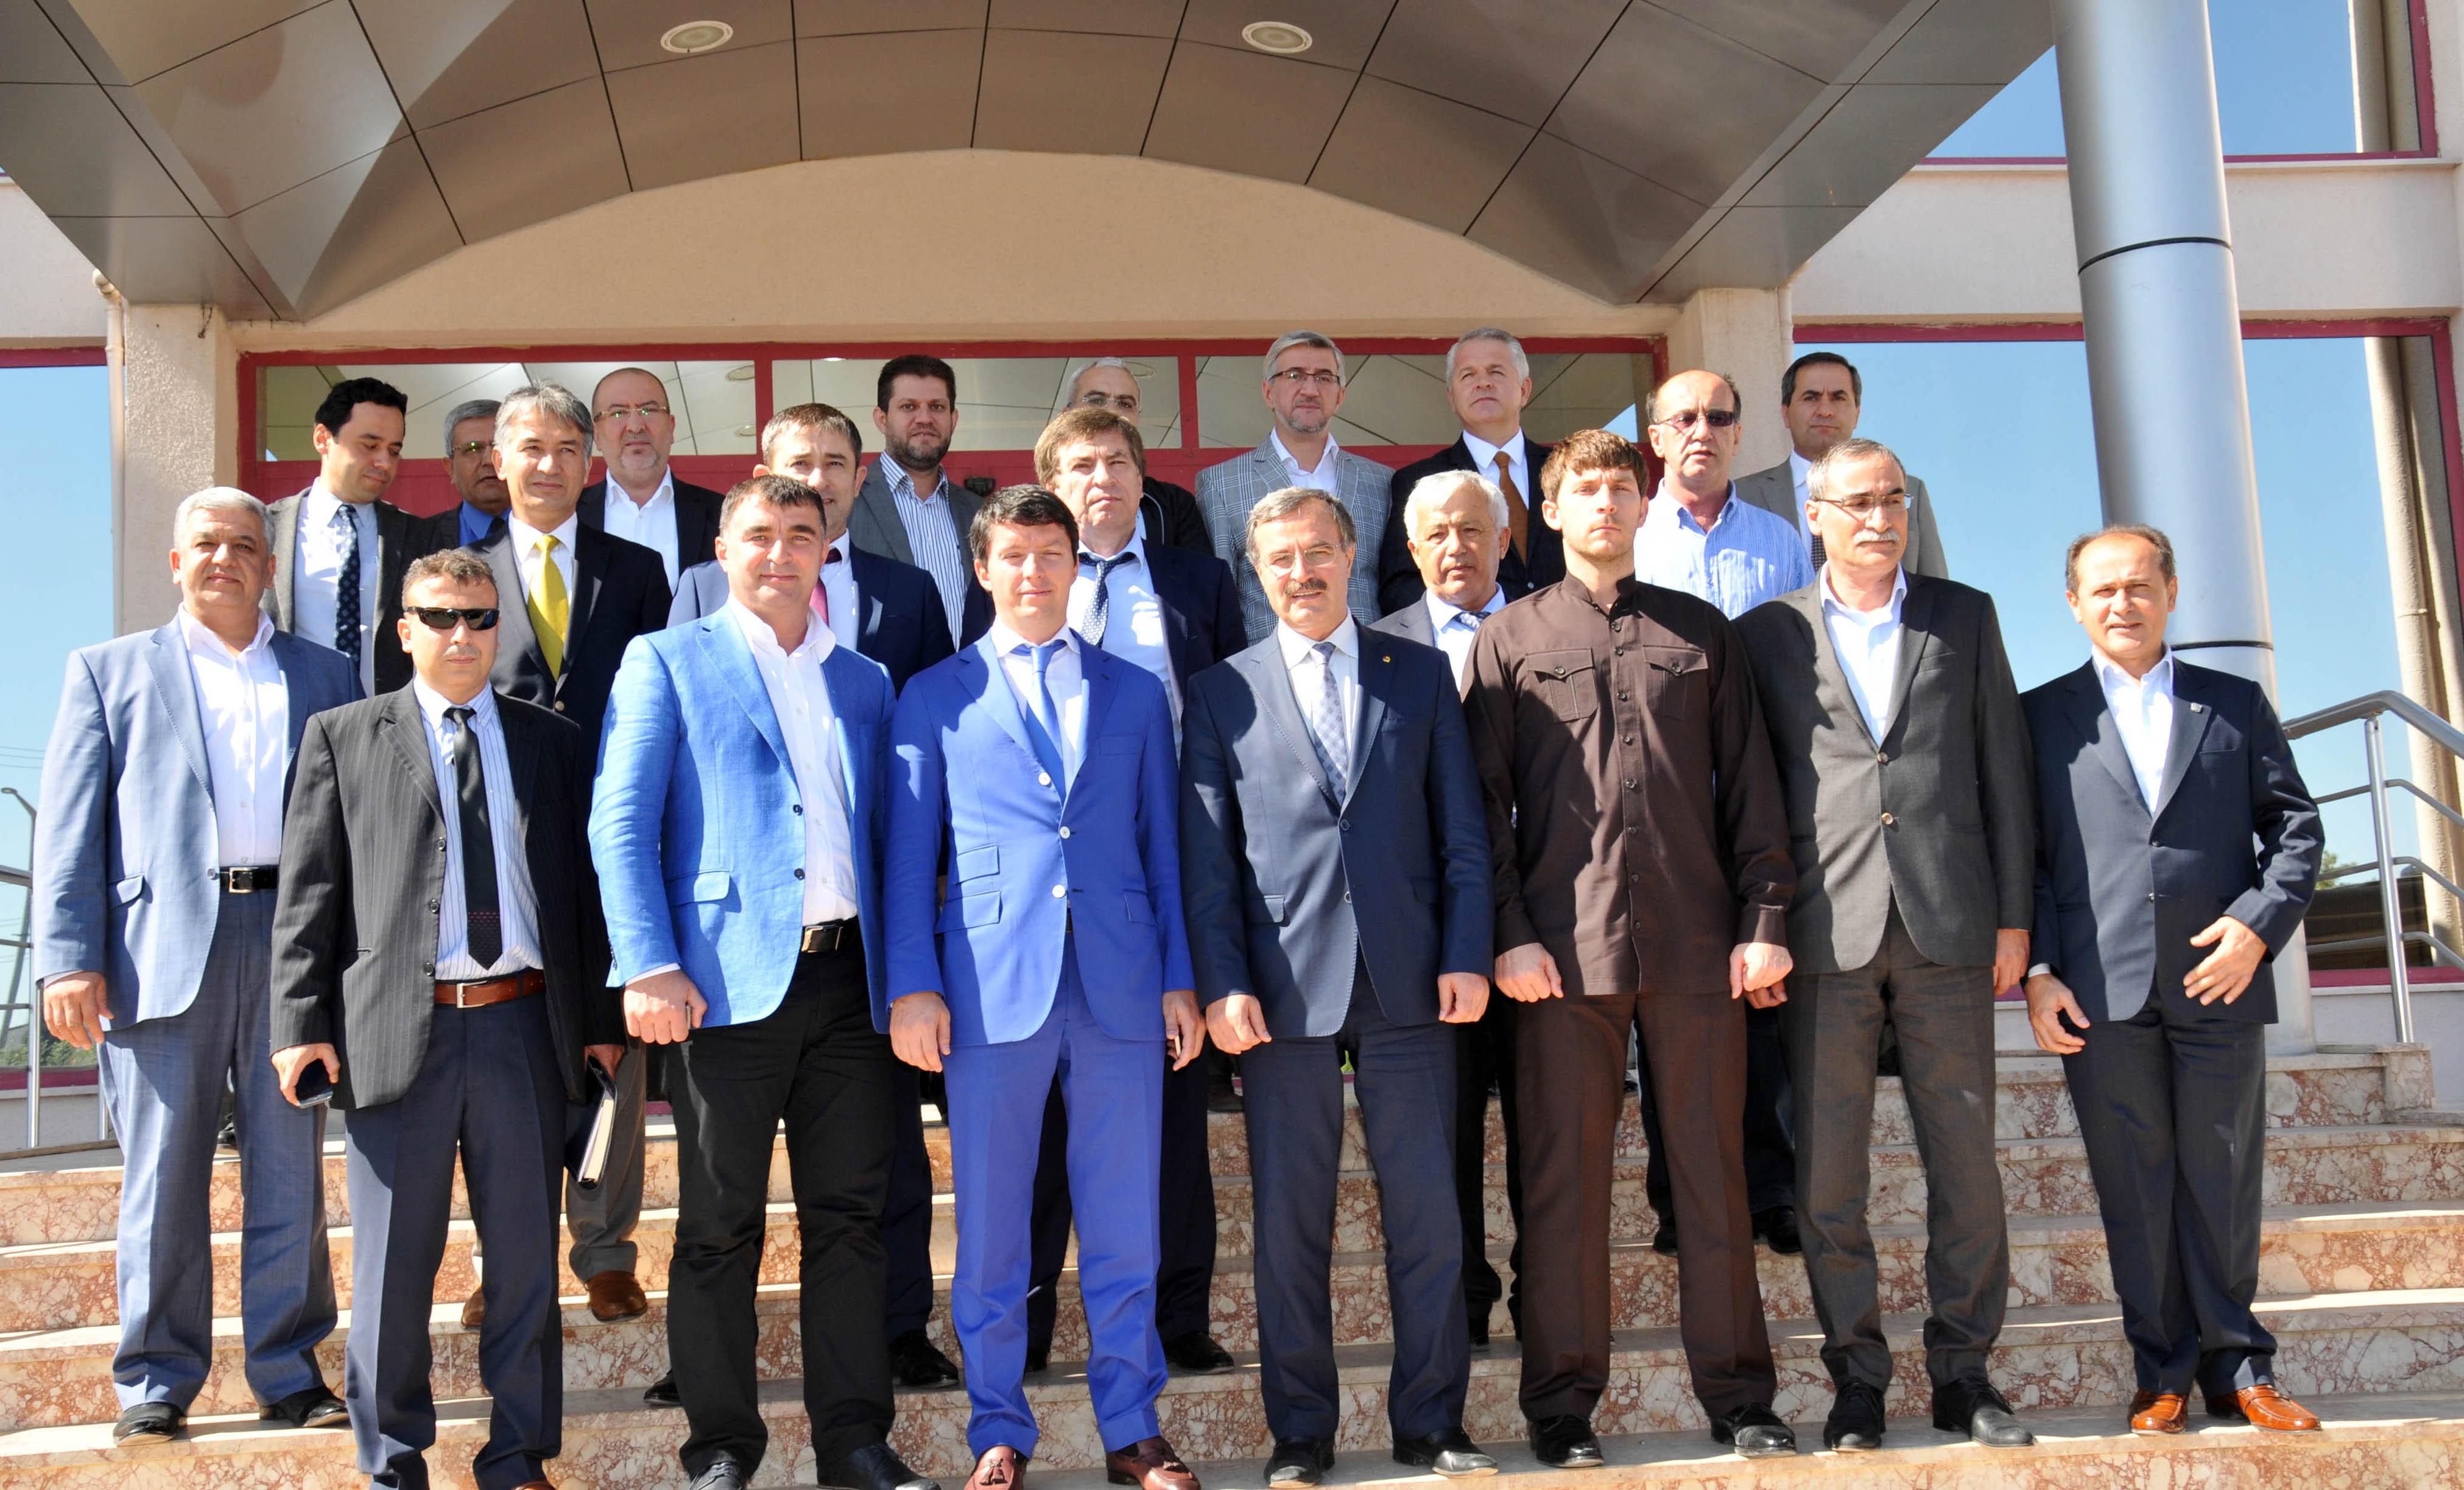 Çeçenistan'dan Konyalı iş adamlarına yatırım daveti